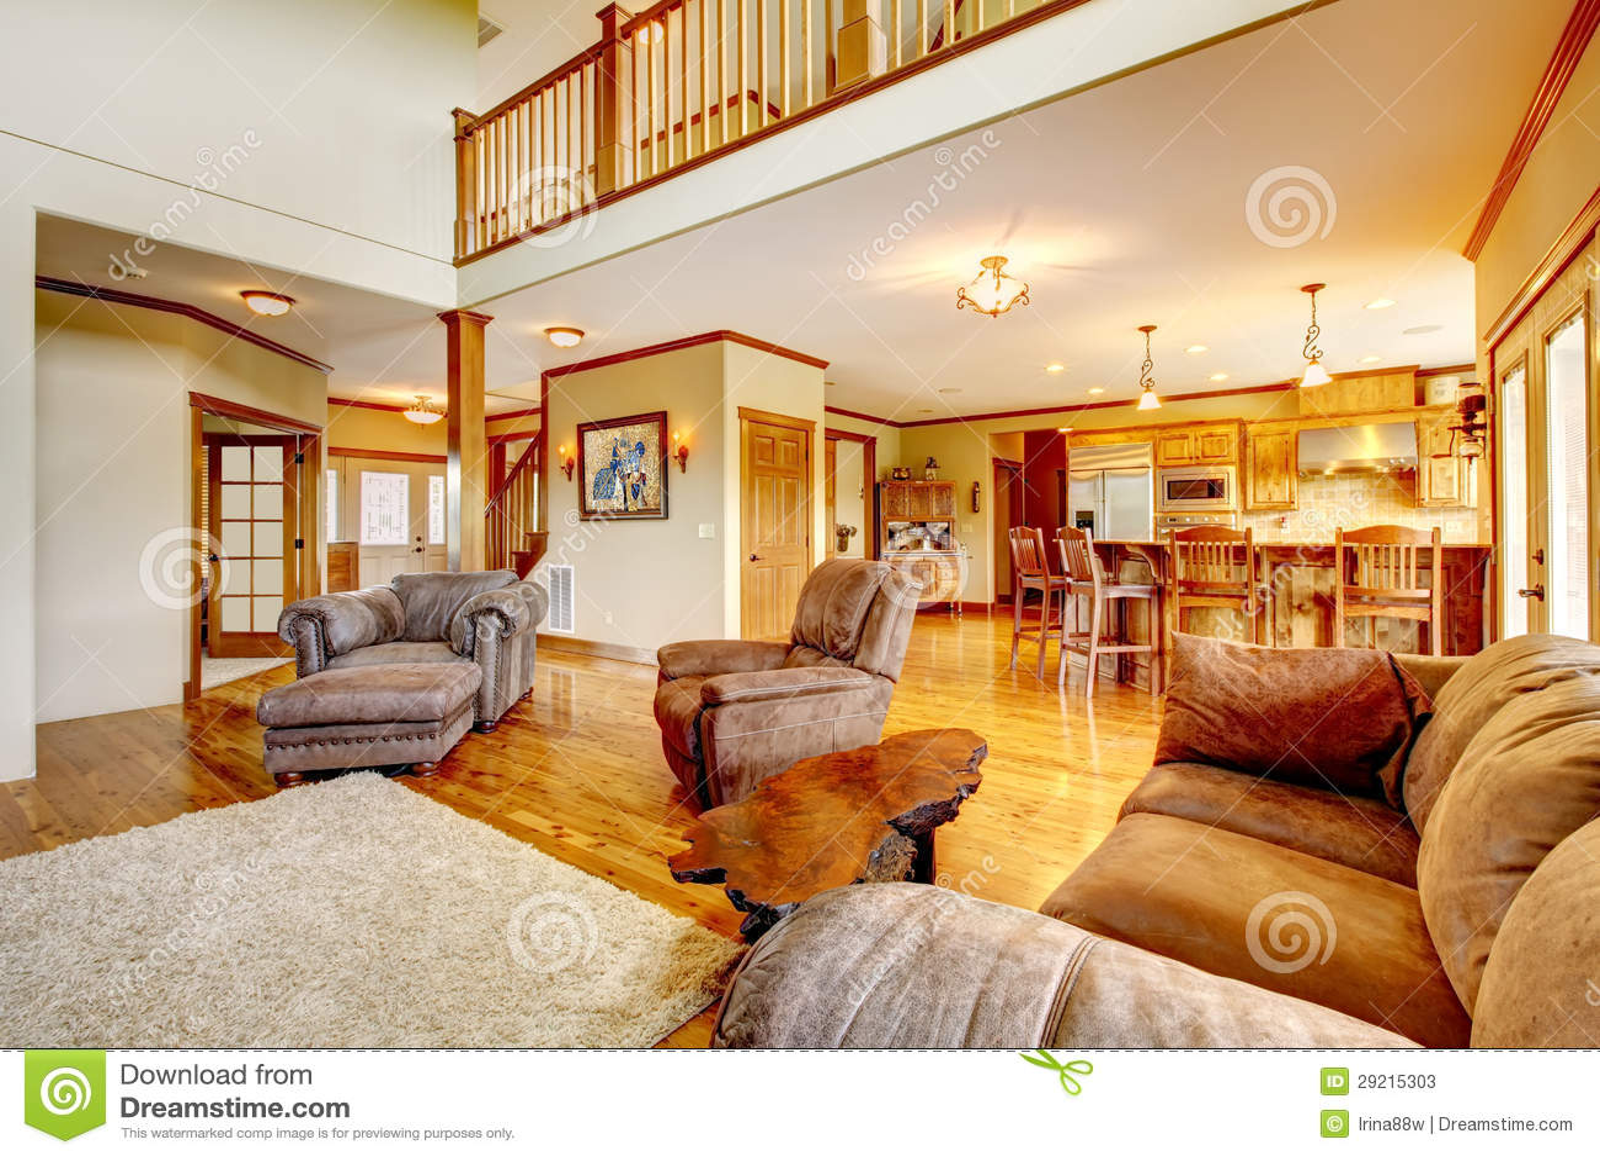 Woonkamer met hoge plafond, keuken en leerbank. stock foto's ...